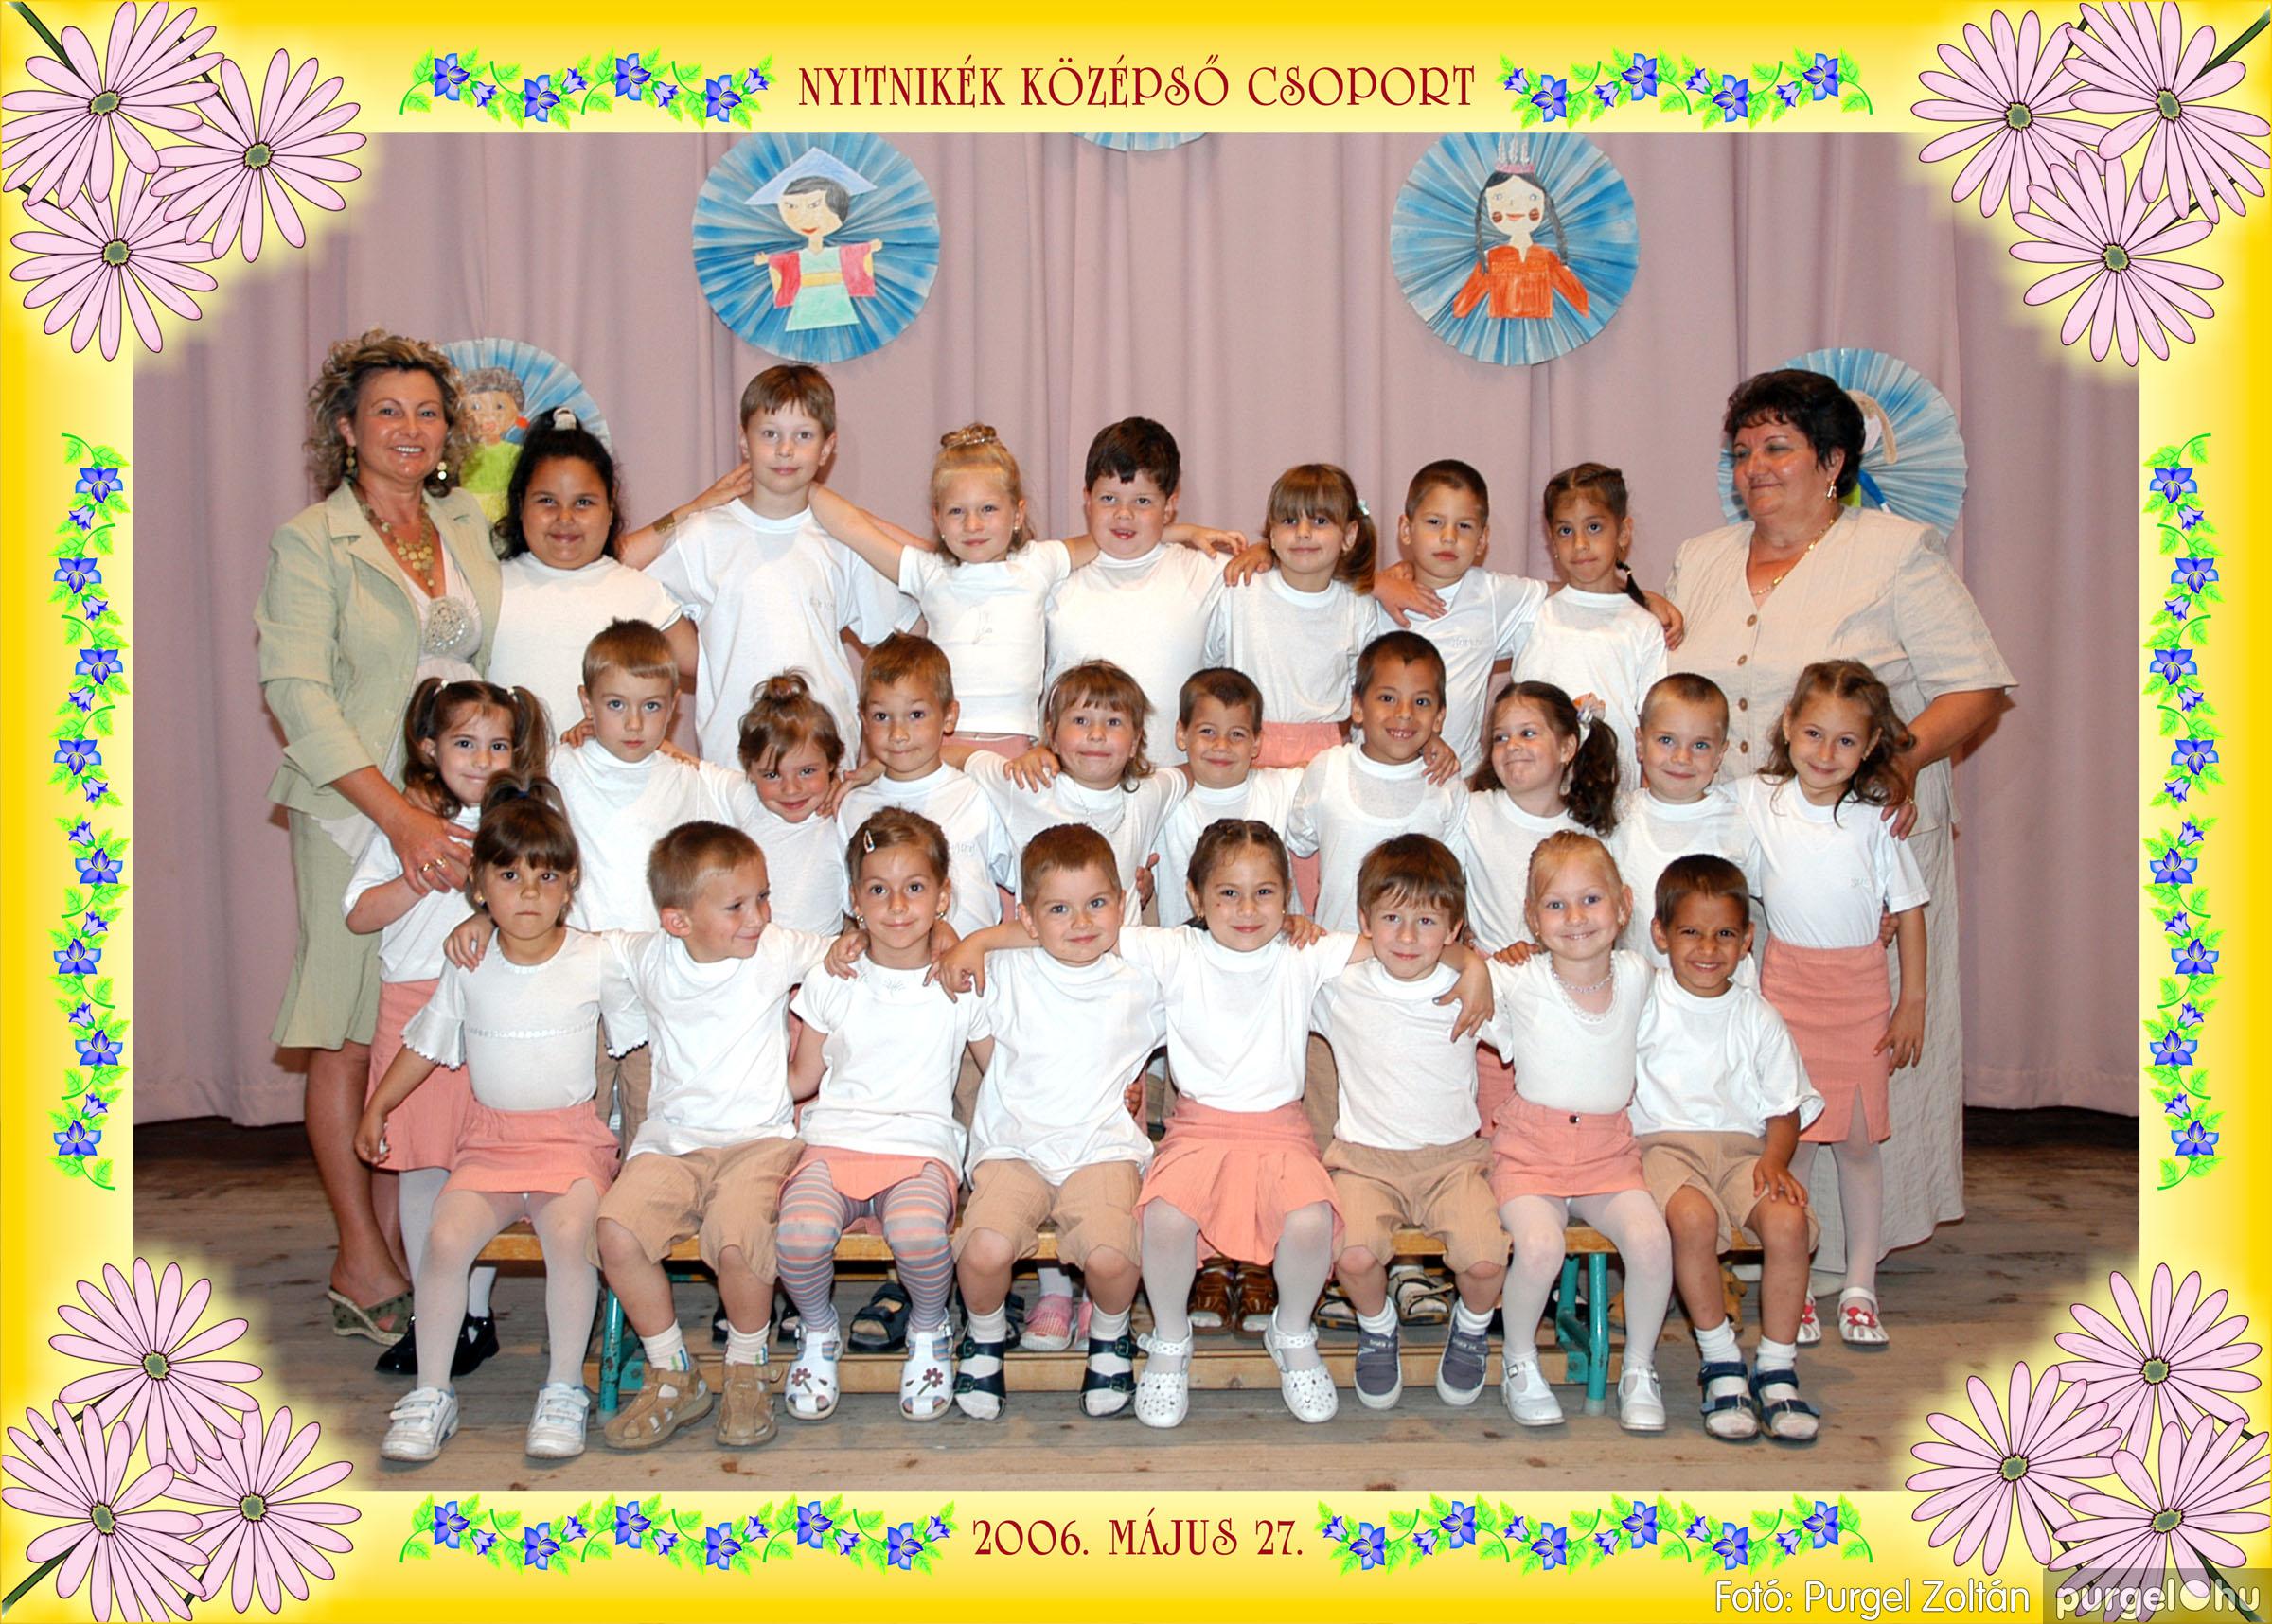 2006.05.10-27. 018 Kurca-parti Óvoda csoportképek 2006. - Fotó:PURGEL ZOLTÁN© csoport-551-nyitnikék.jpg